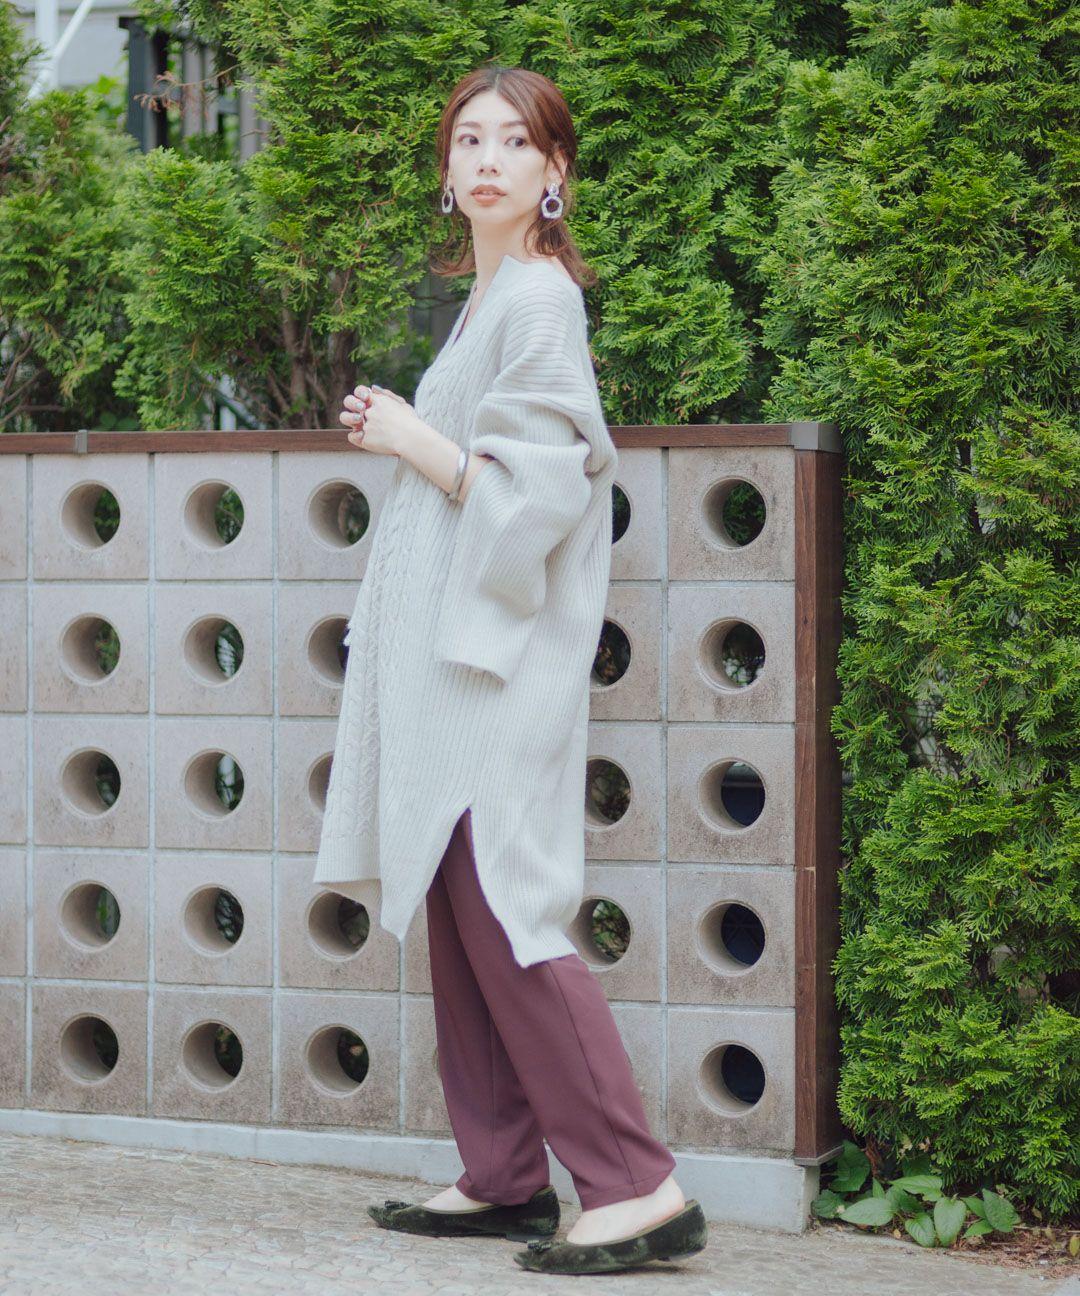 渡部 倫瑠の写真